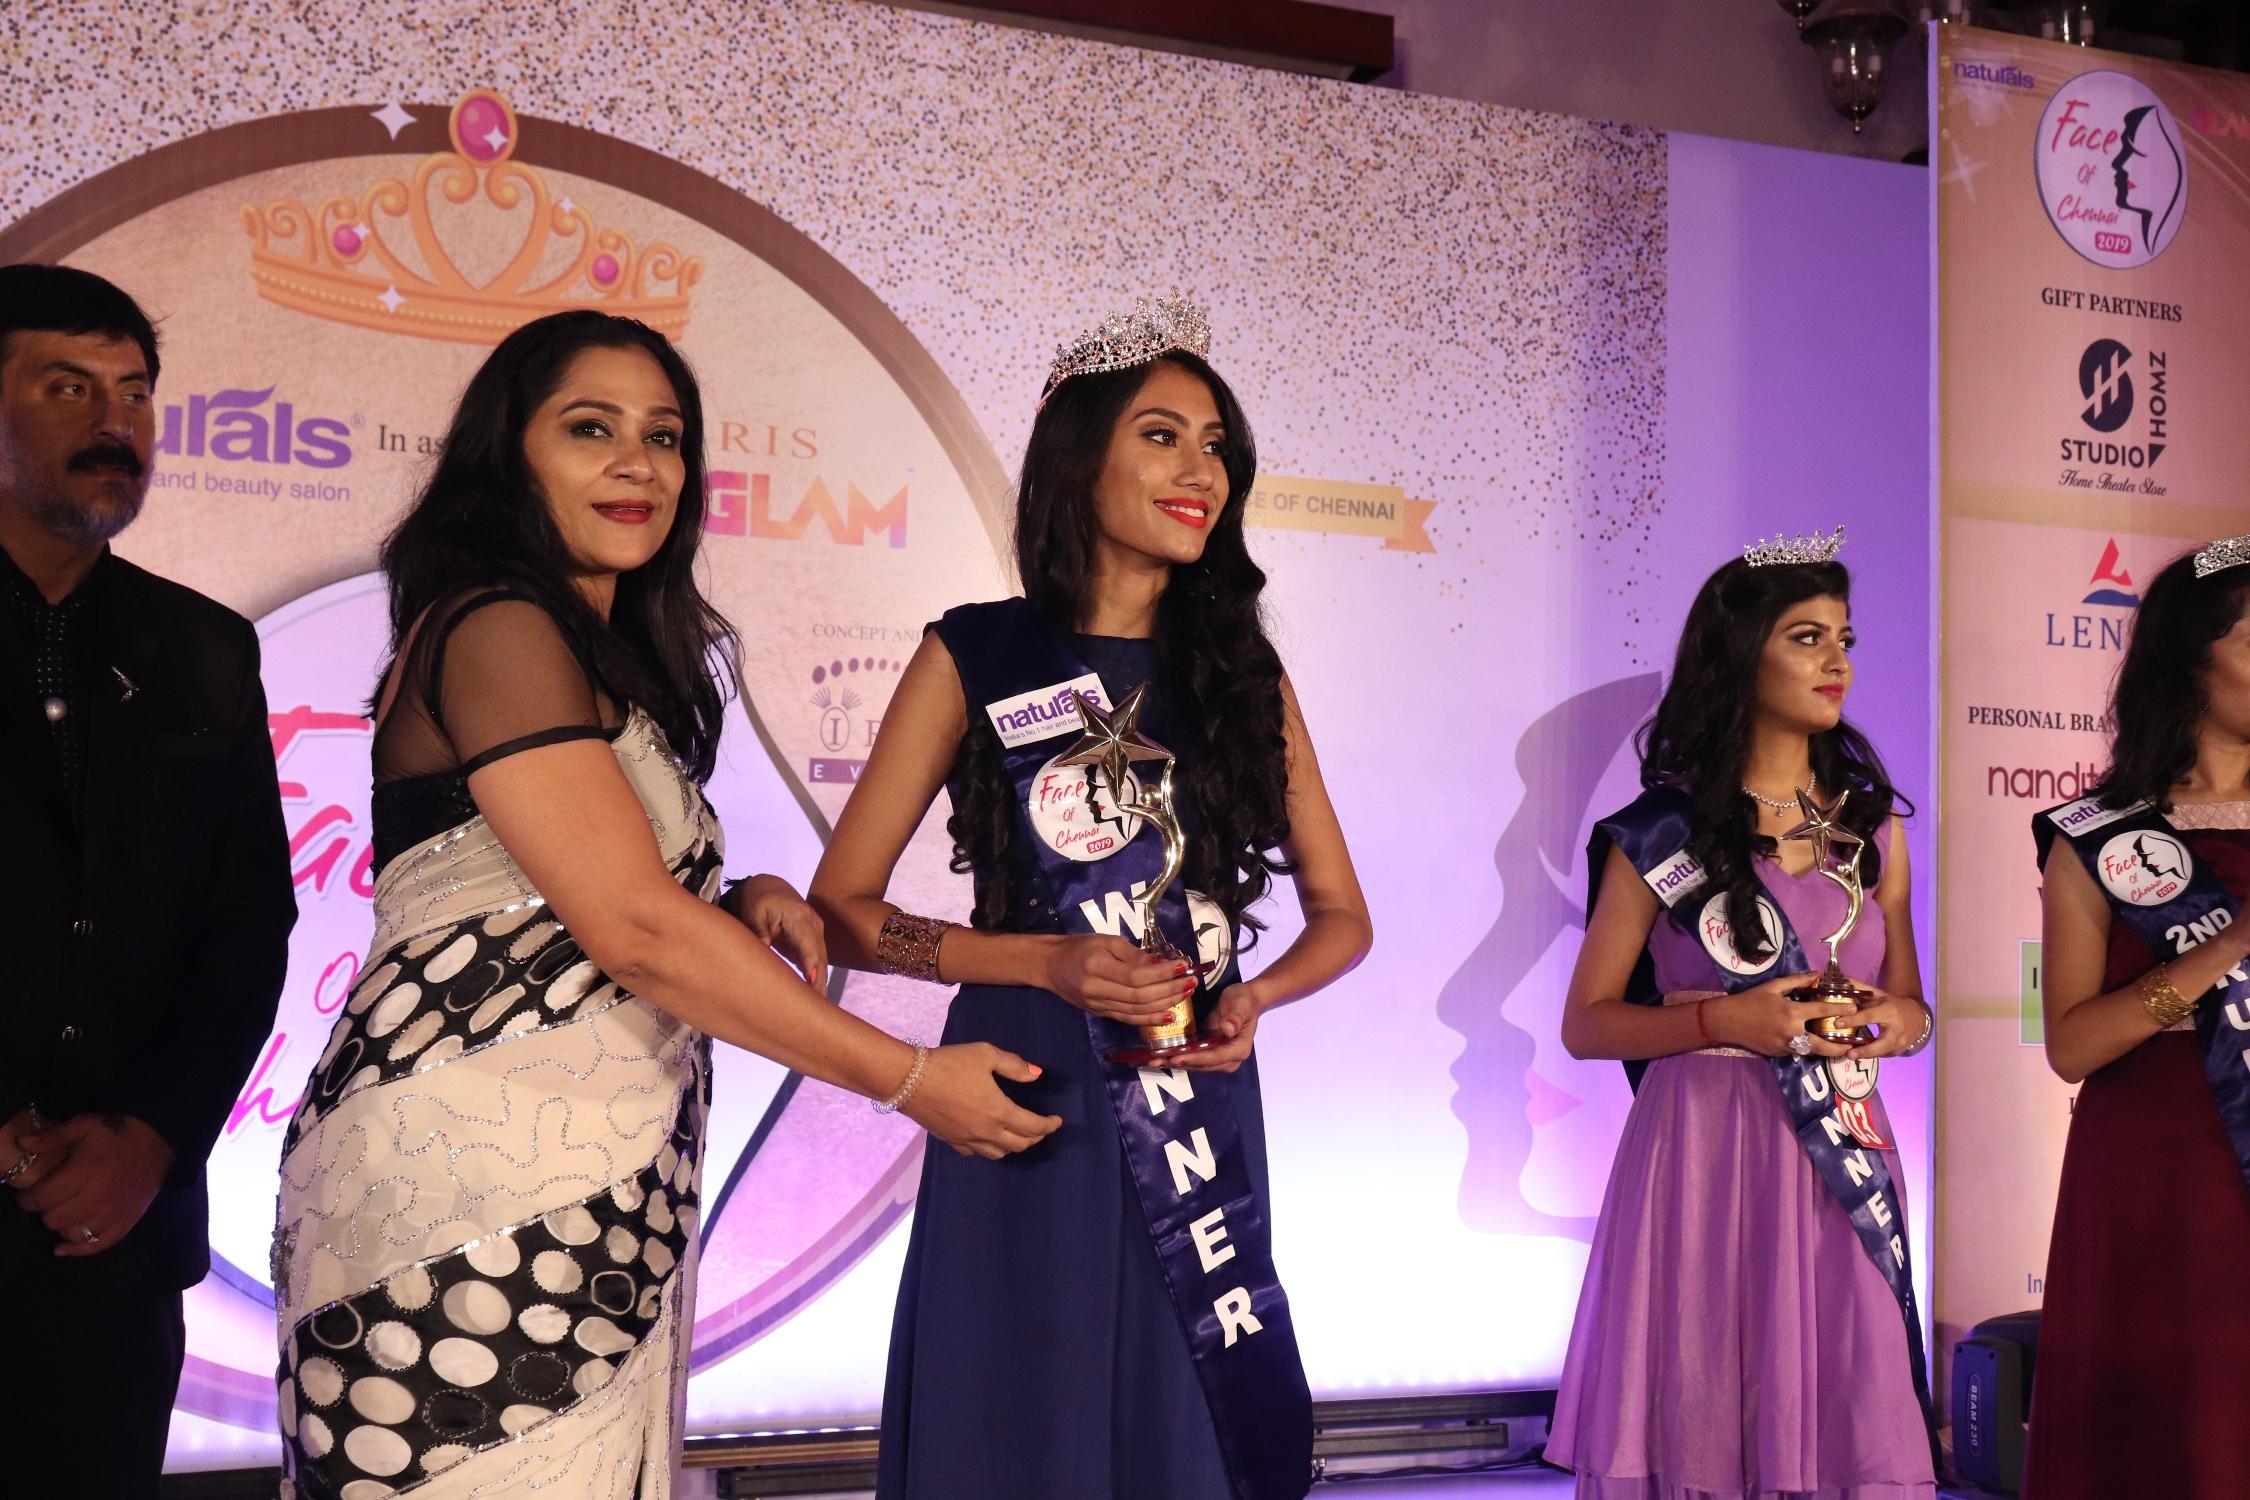 IRIS MISS FACE OF CHENNAI Winner NIRJA